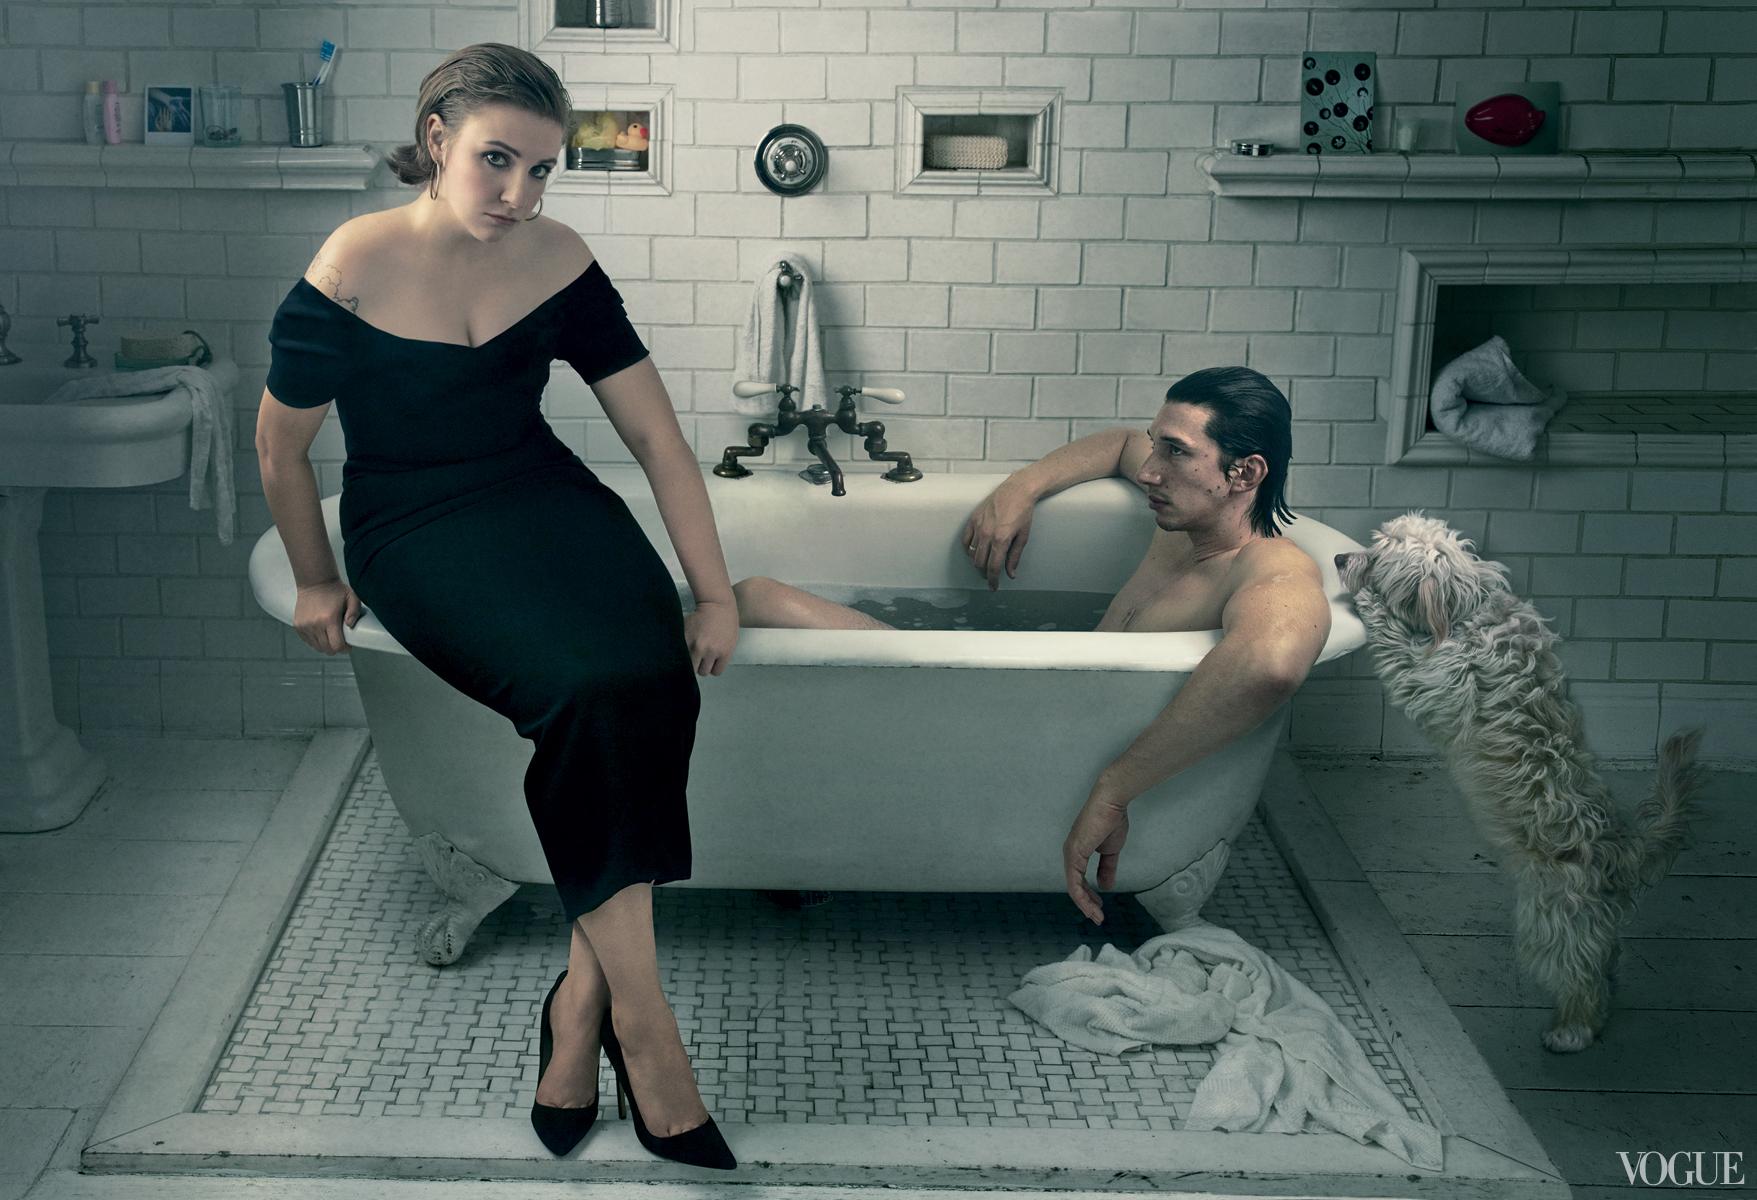 Lena Dunham for Vogue February 2014-5